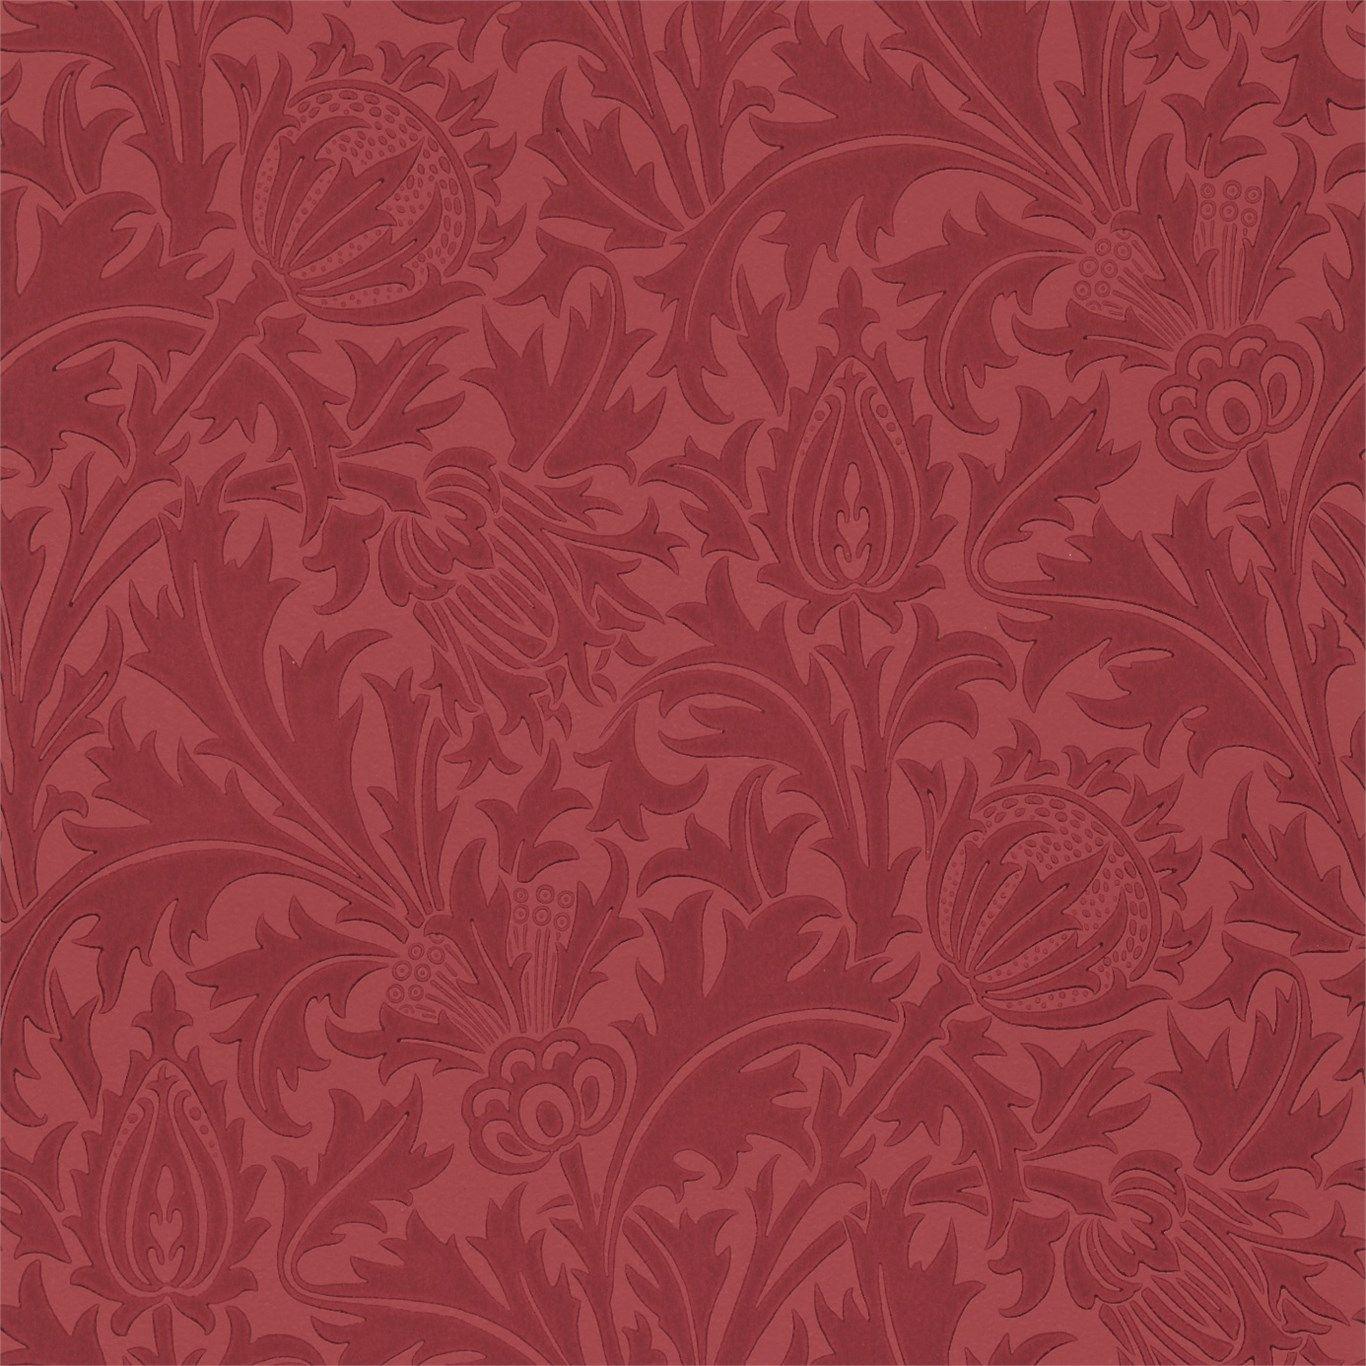 Thistle WM8608/4 Morris wallpapers, William morris